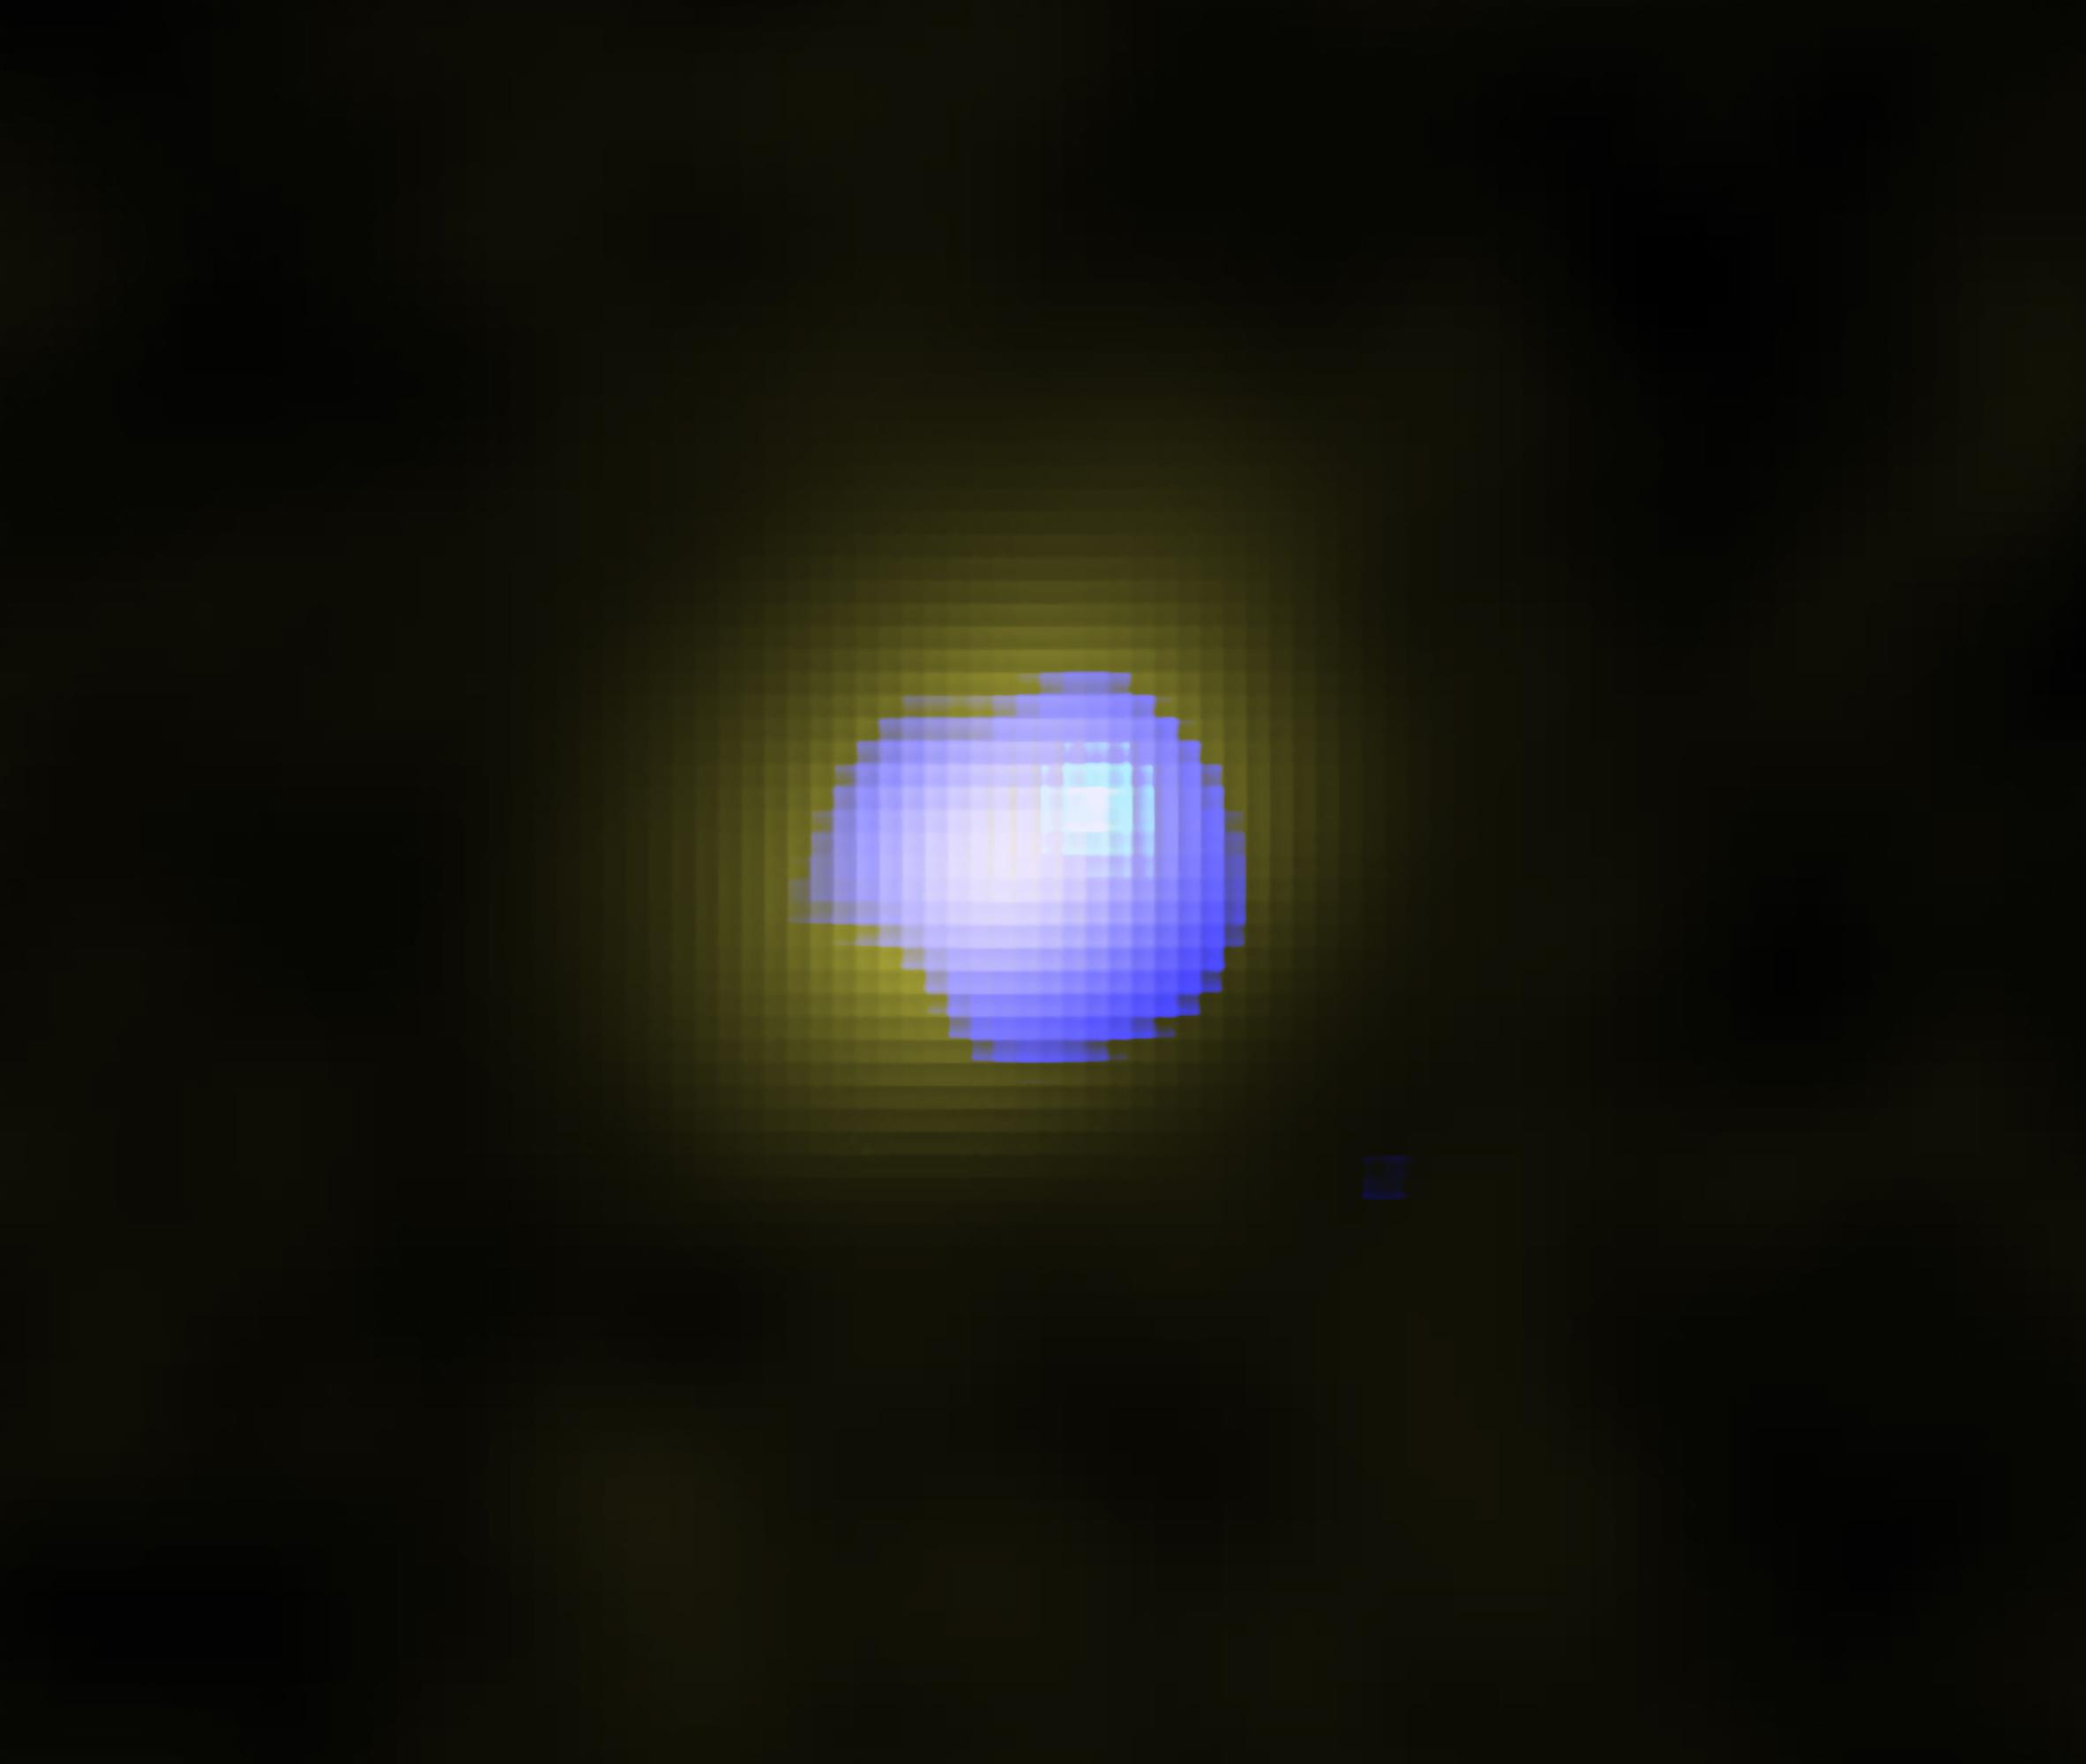 Imagen de ALMA de la galaxia distante J1243 + 0100 que alberga un agujero negro supermasivo en su centro. La distribución del gas silencioso en la galaxia se muestra en amarillo y la distribución del viento galáctico de alta velocidad se muestra en azul. El viento está ubicado en el centro de la galaxia, lo que indica que el agujero negro supermasivo impulsa el viento. Crédito: ALMA (ESO / NAOJ / NRAO), Izumi et al.